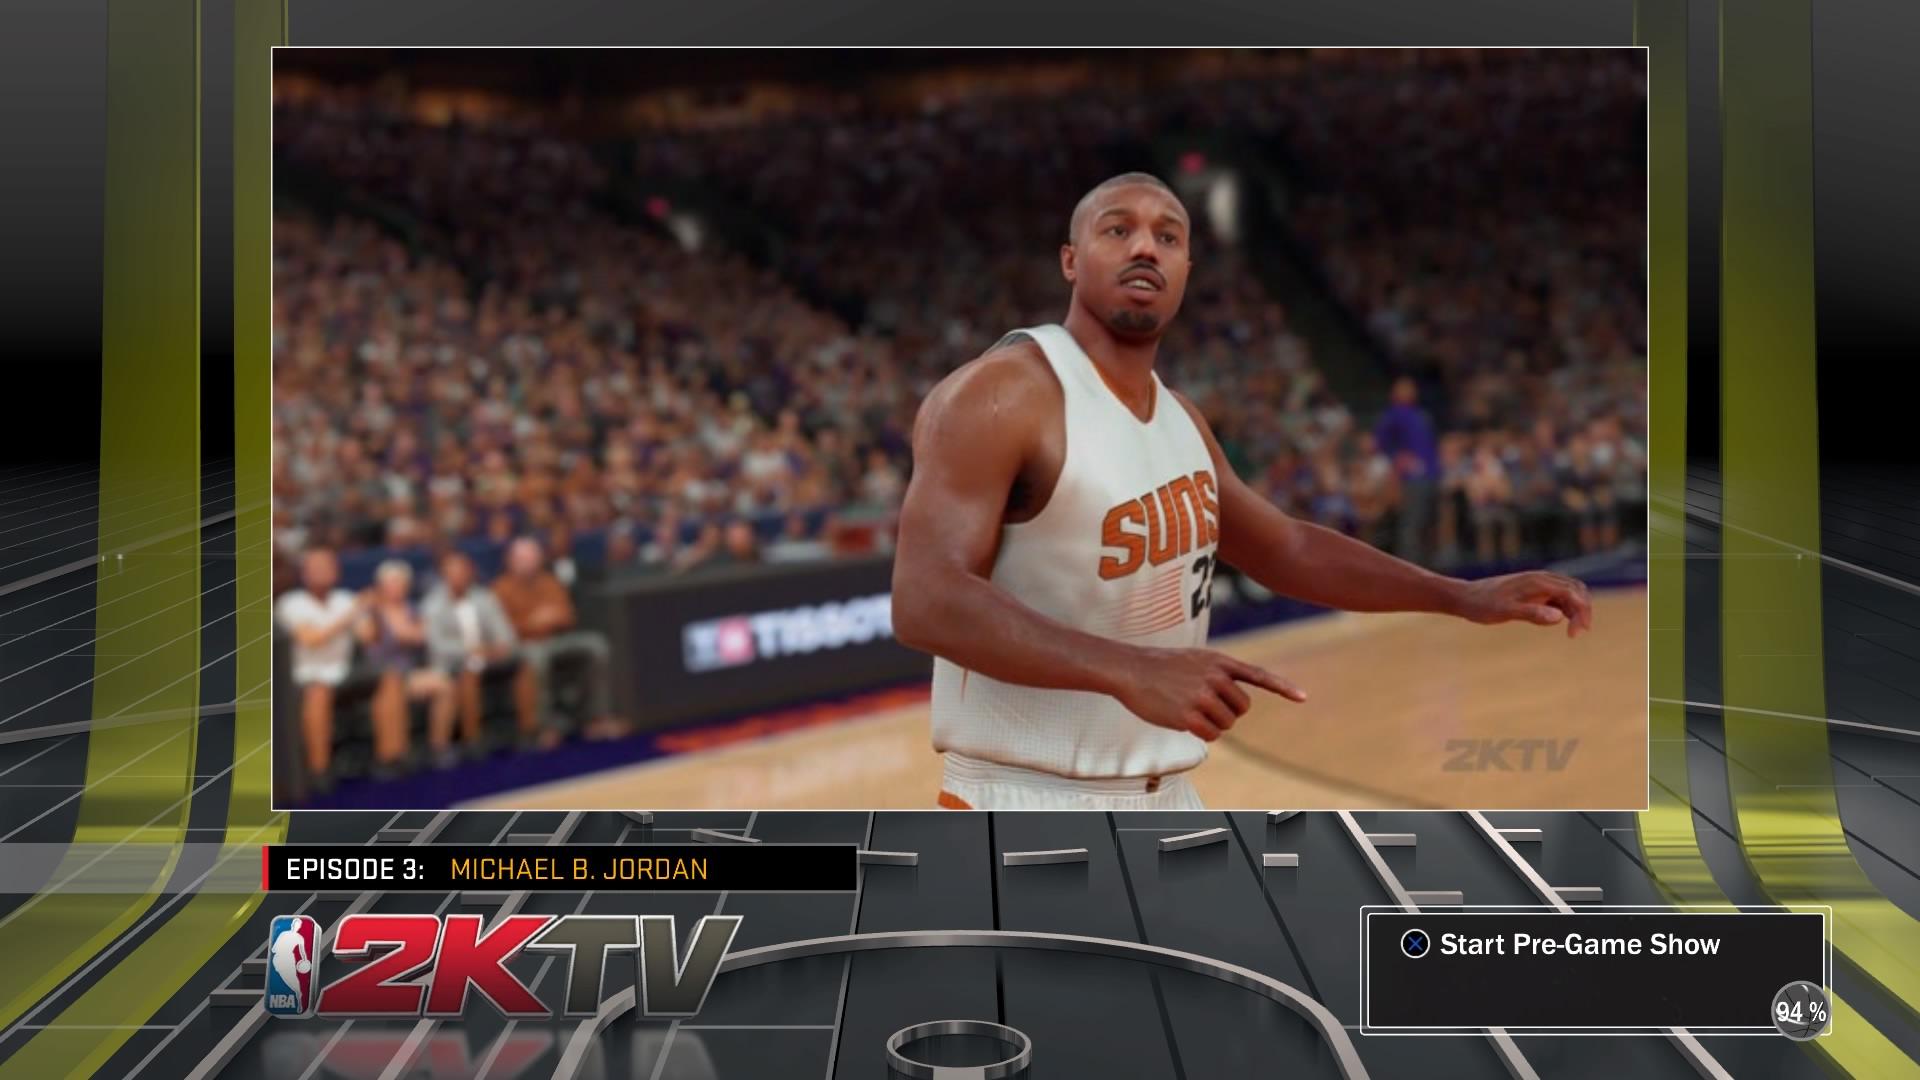 NBA 2K17: 2KTV on pelisarjan viikottainen ajankohtaisohjelma.